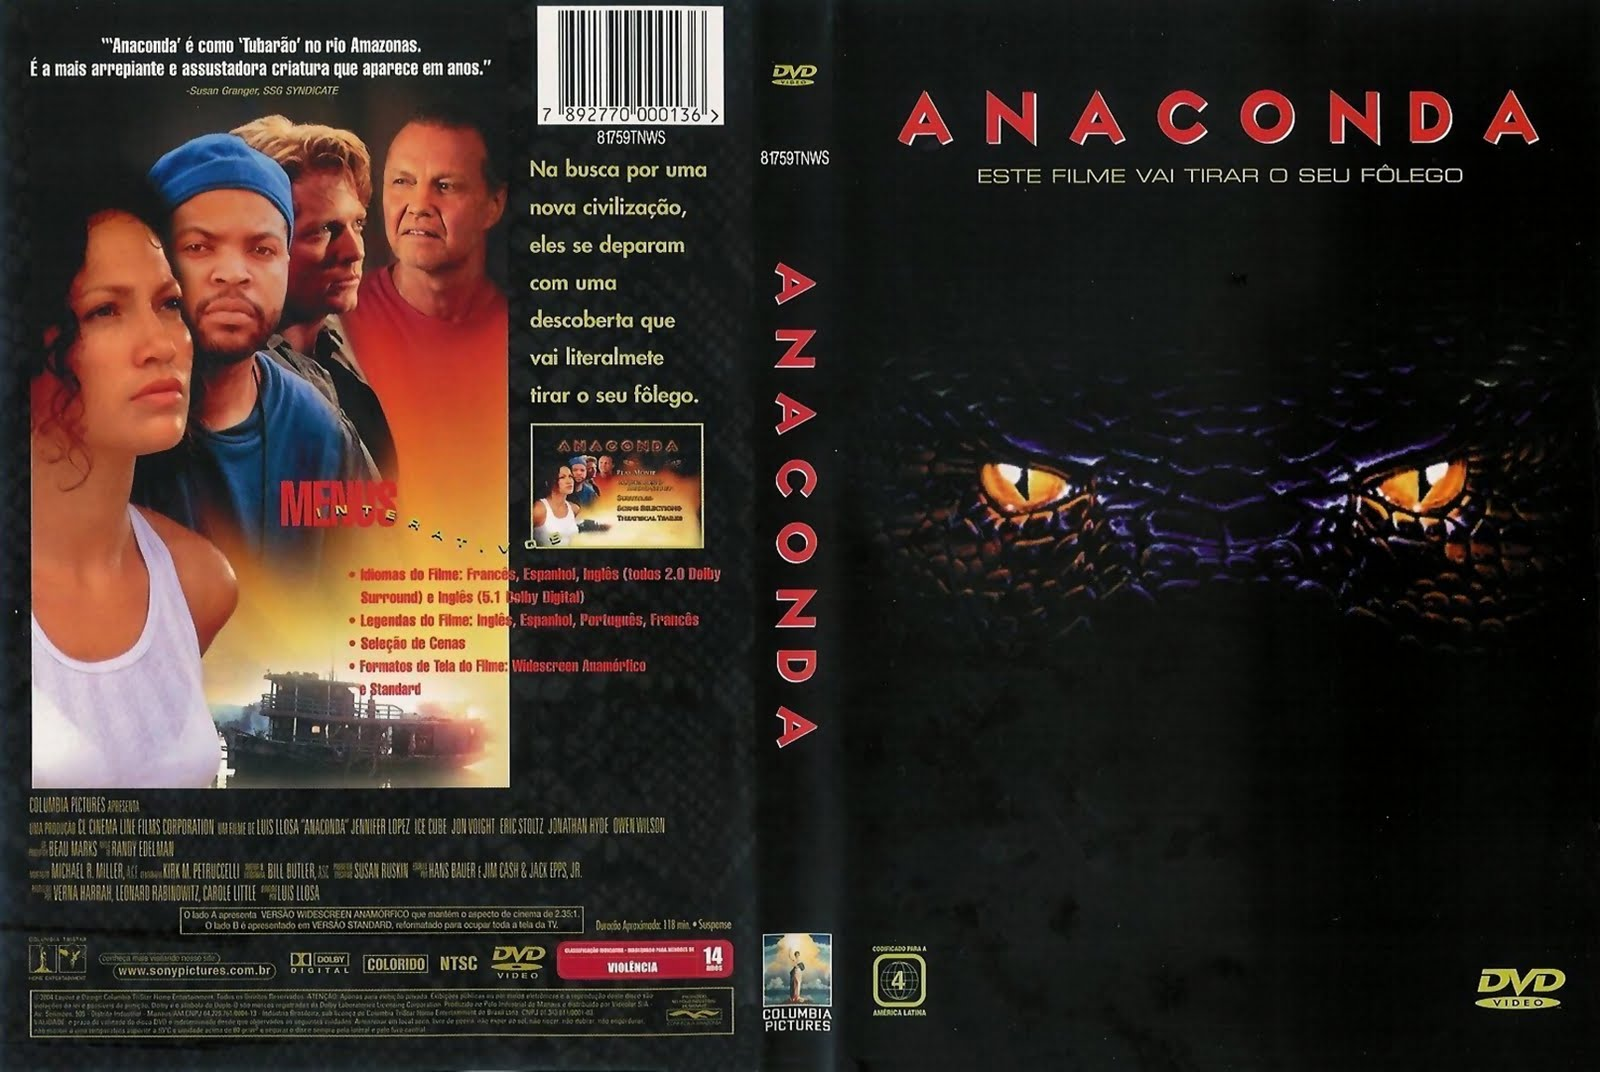 http://4.bp.blogspot.com/-6NRTFK-lZXc/TfZcUFwTpCI/AAAAAAAAAsc/EZ21r1zzraM/s1600/anaconda%2B1.jpg